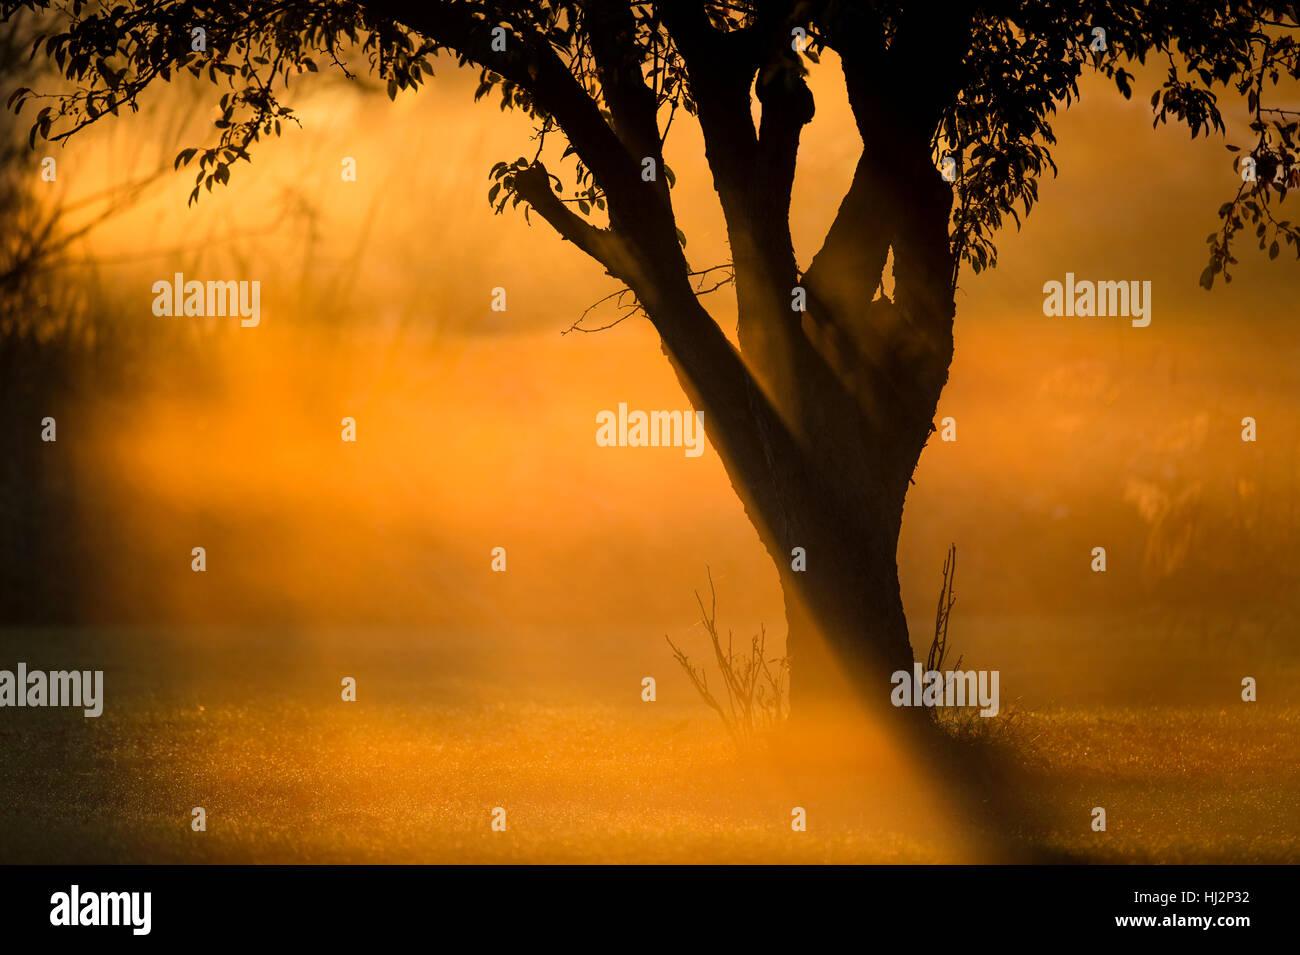 Un albero si trova in un campo aperto come il sole rende la nebbia di mattina brilla di un colore arancione intorno Immagini Stock